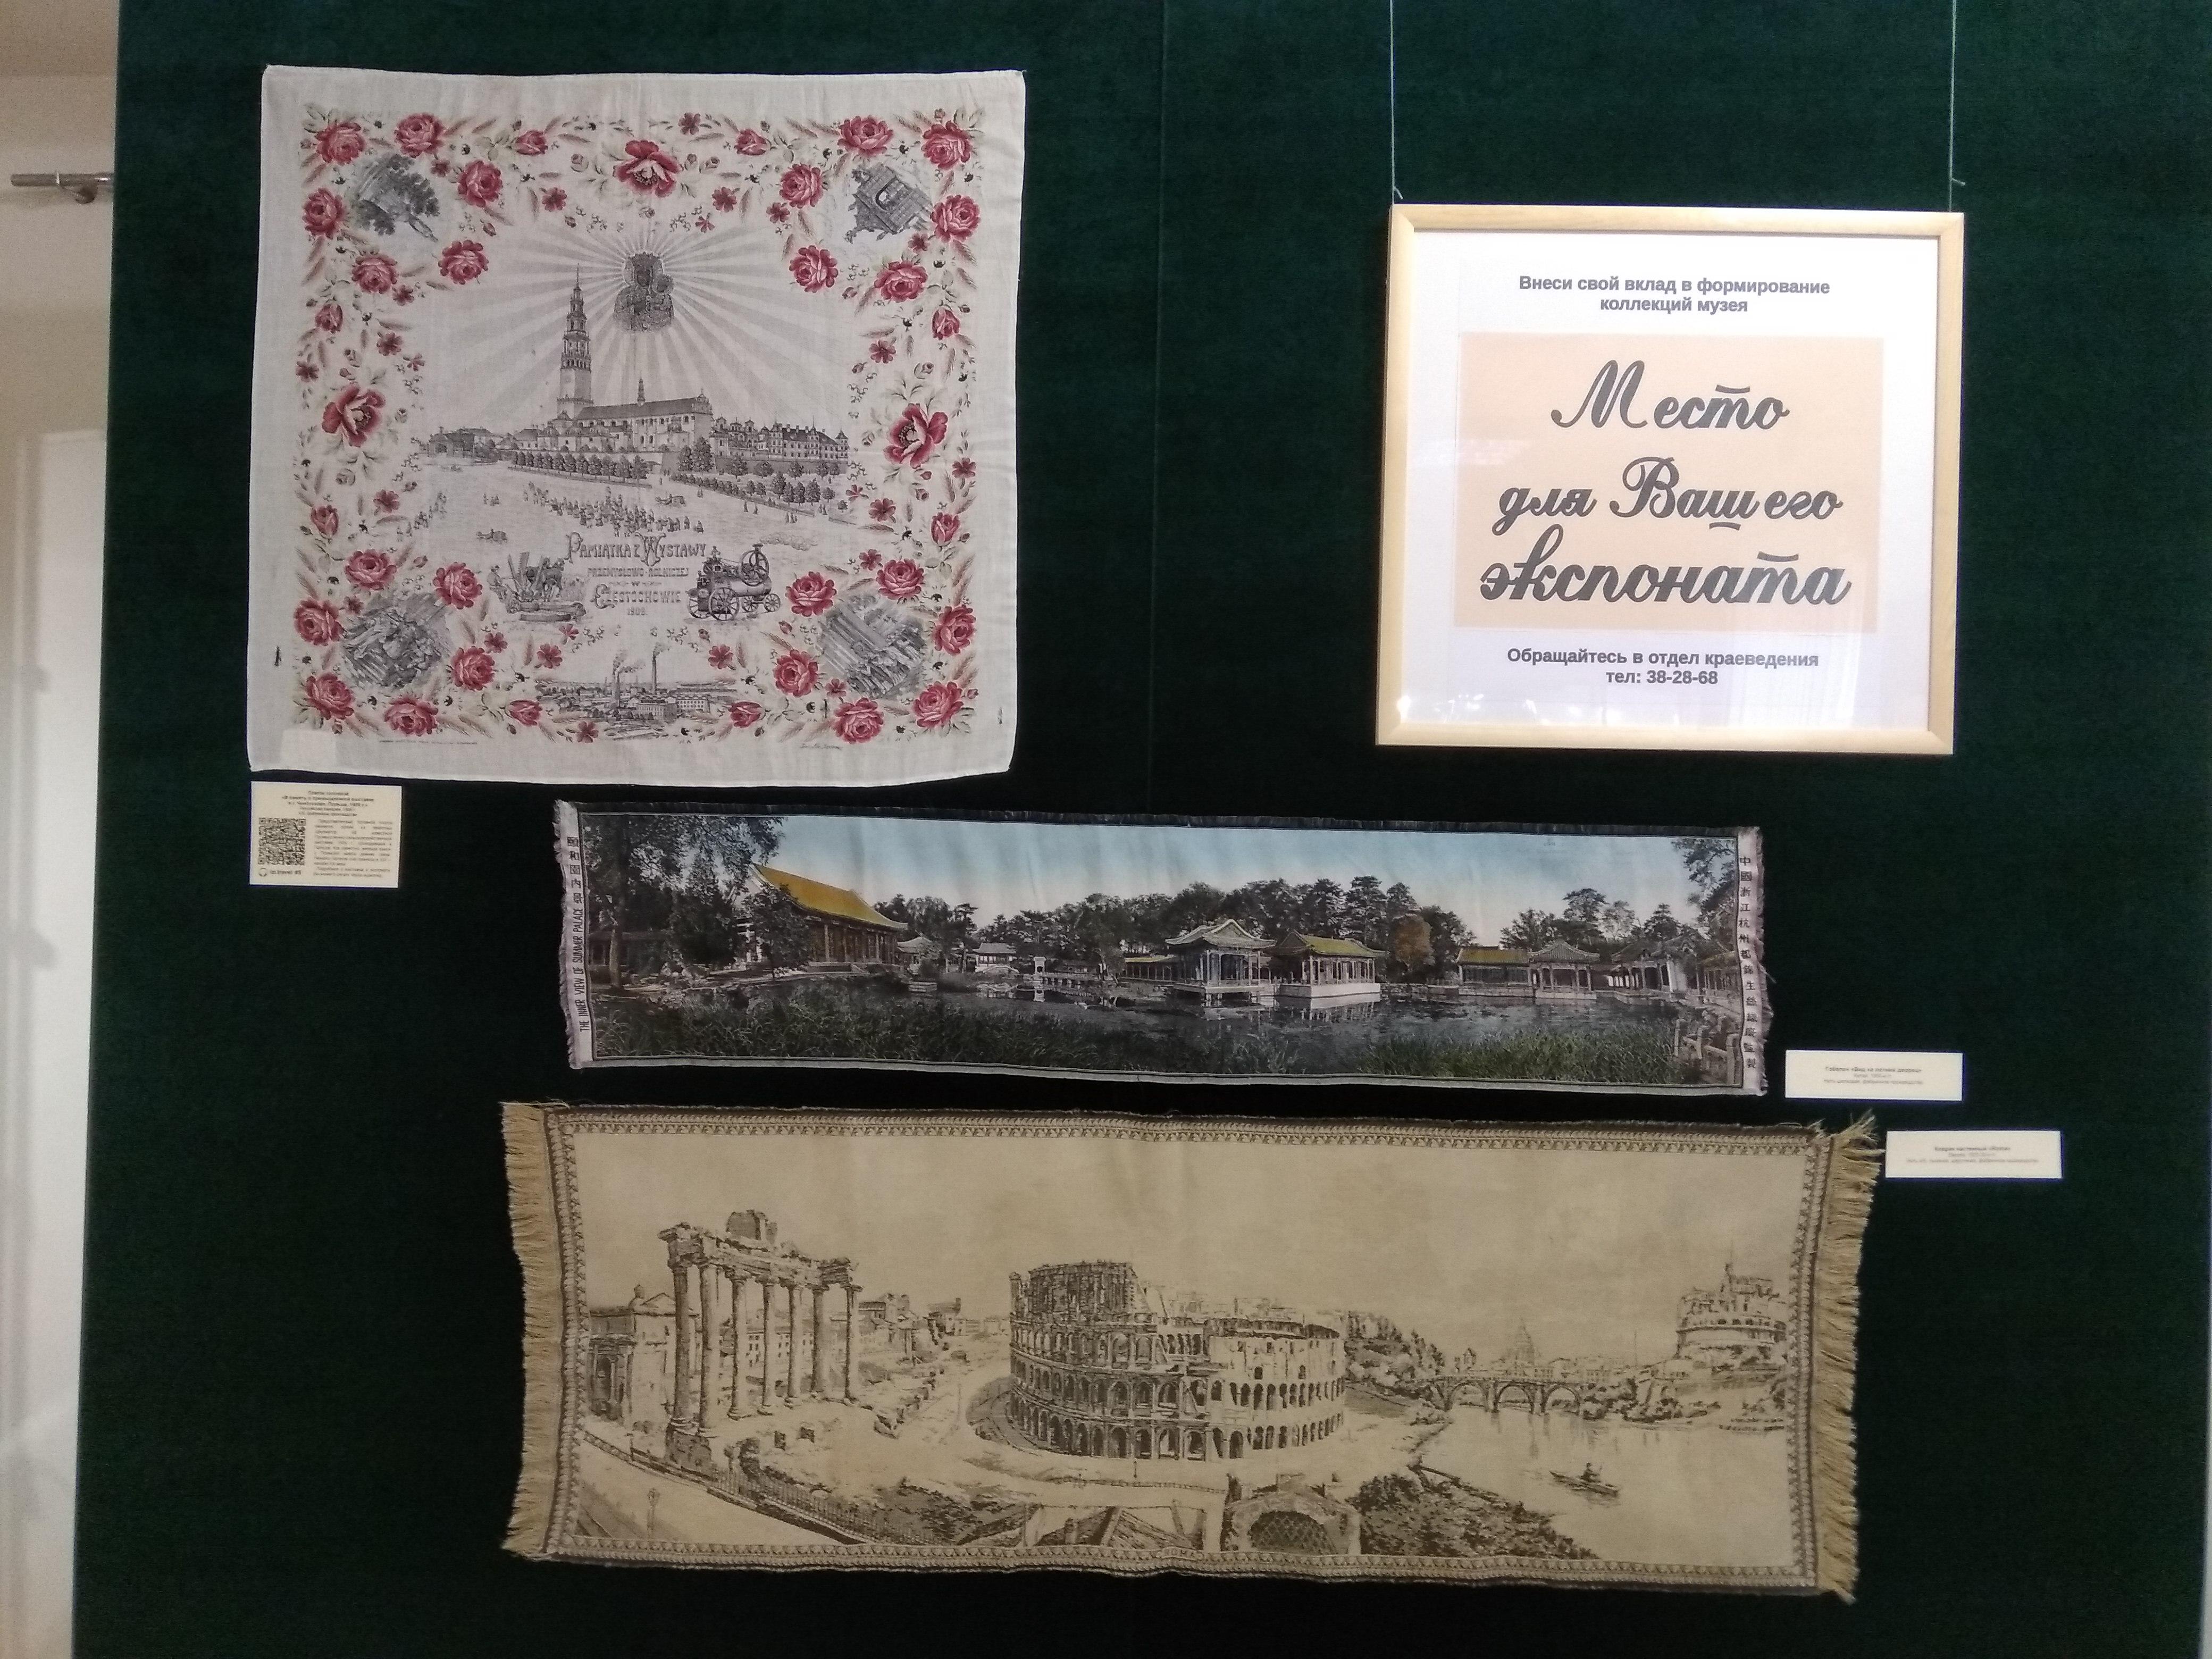 Кировский областной краеведческий музей отмечает свое 155-летие необычной выставкой